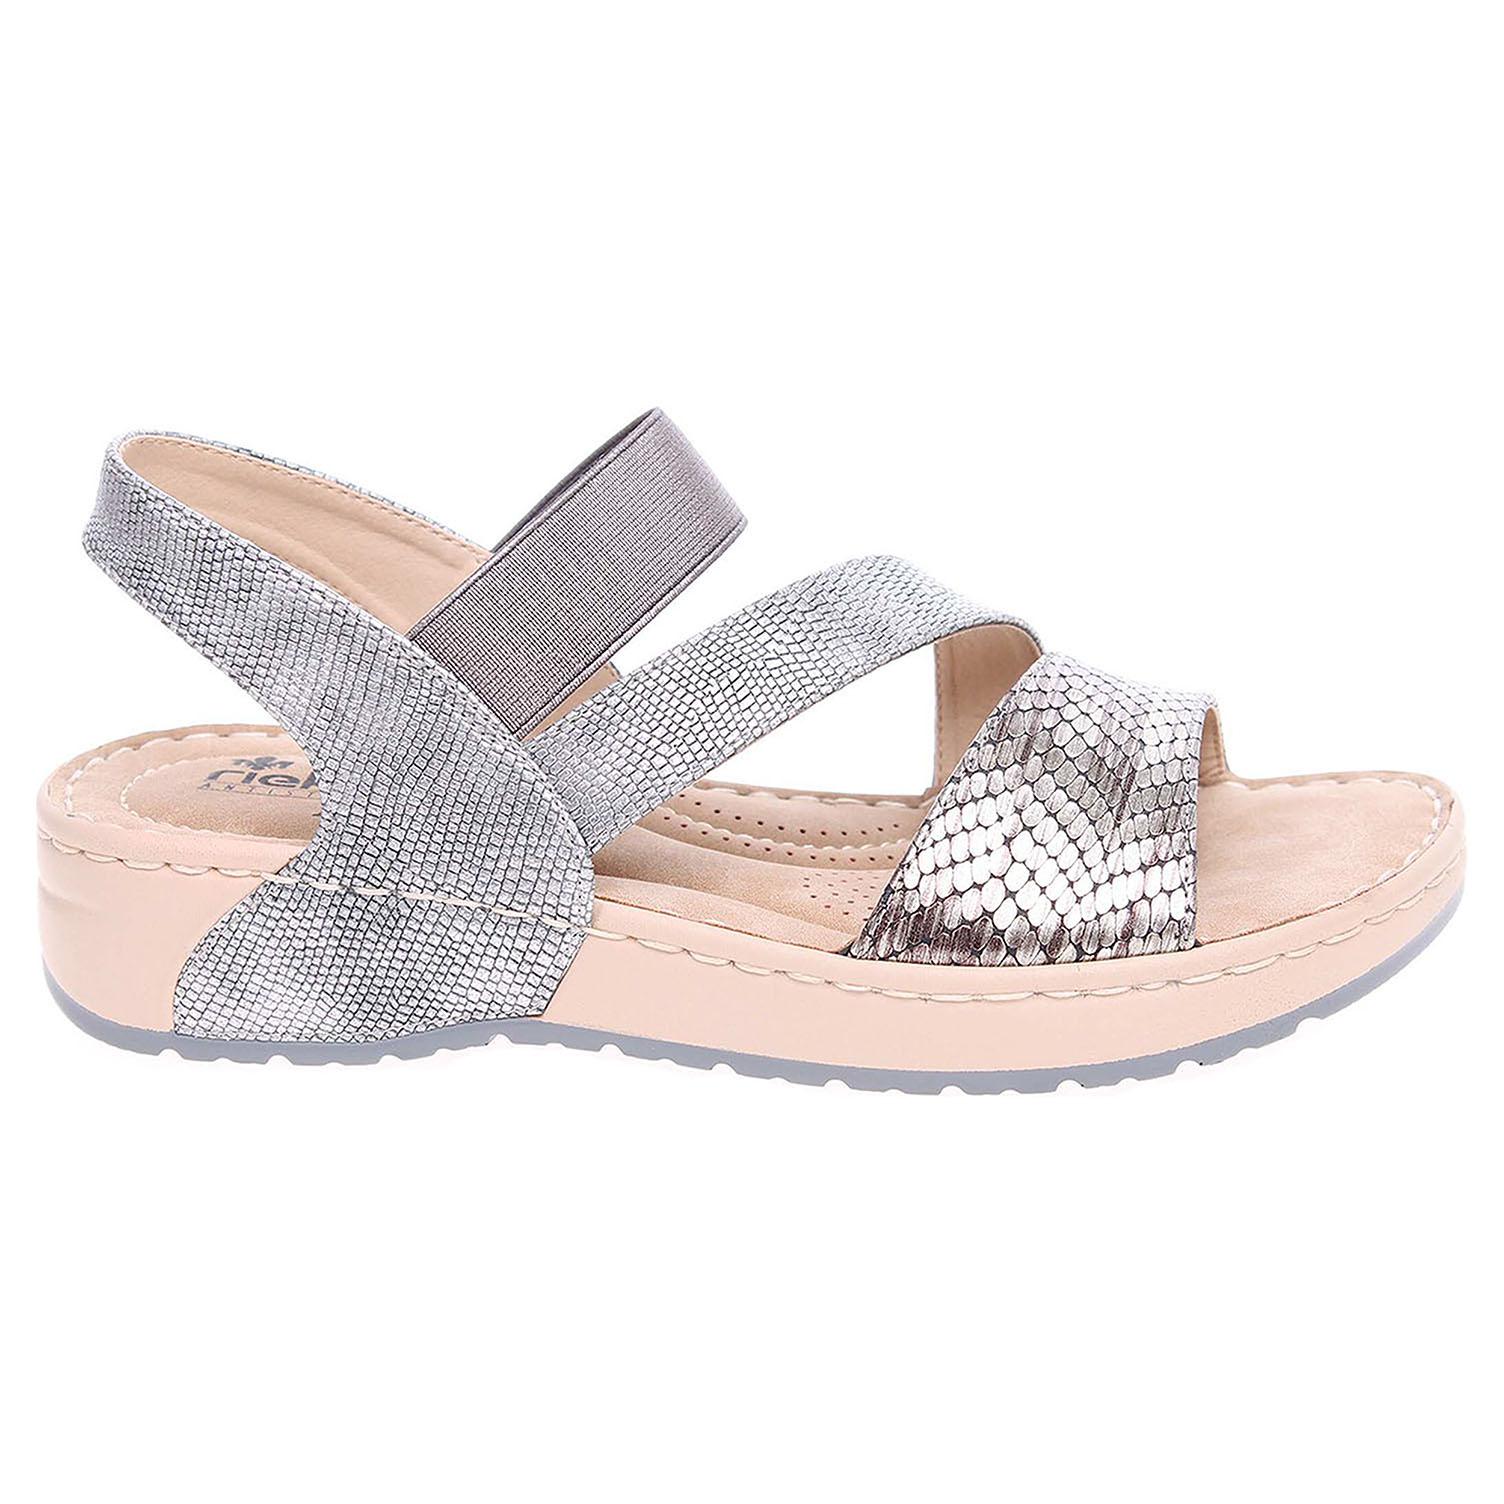 Ecco Rieker dámské sandály V5773-90 stříbrné 23801114